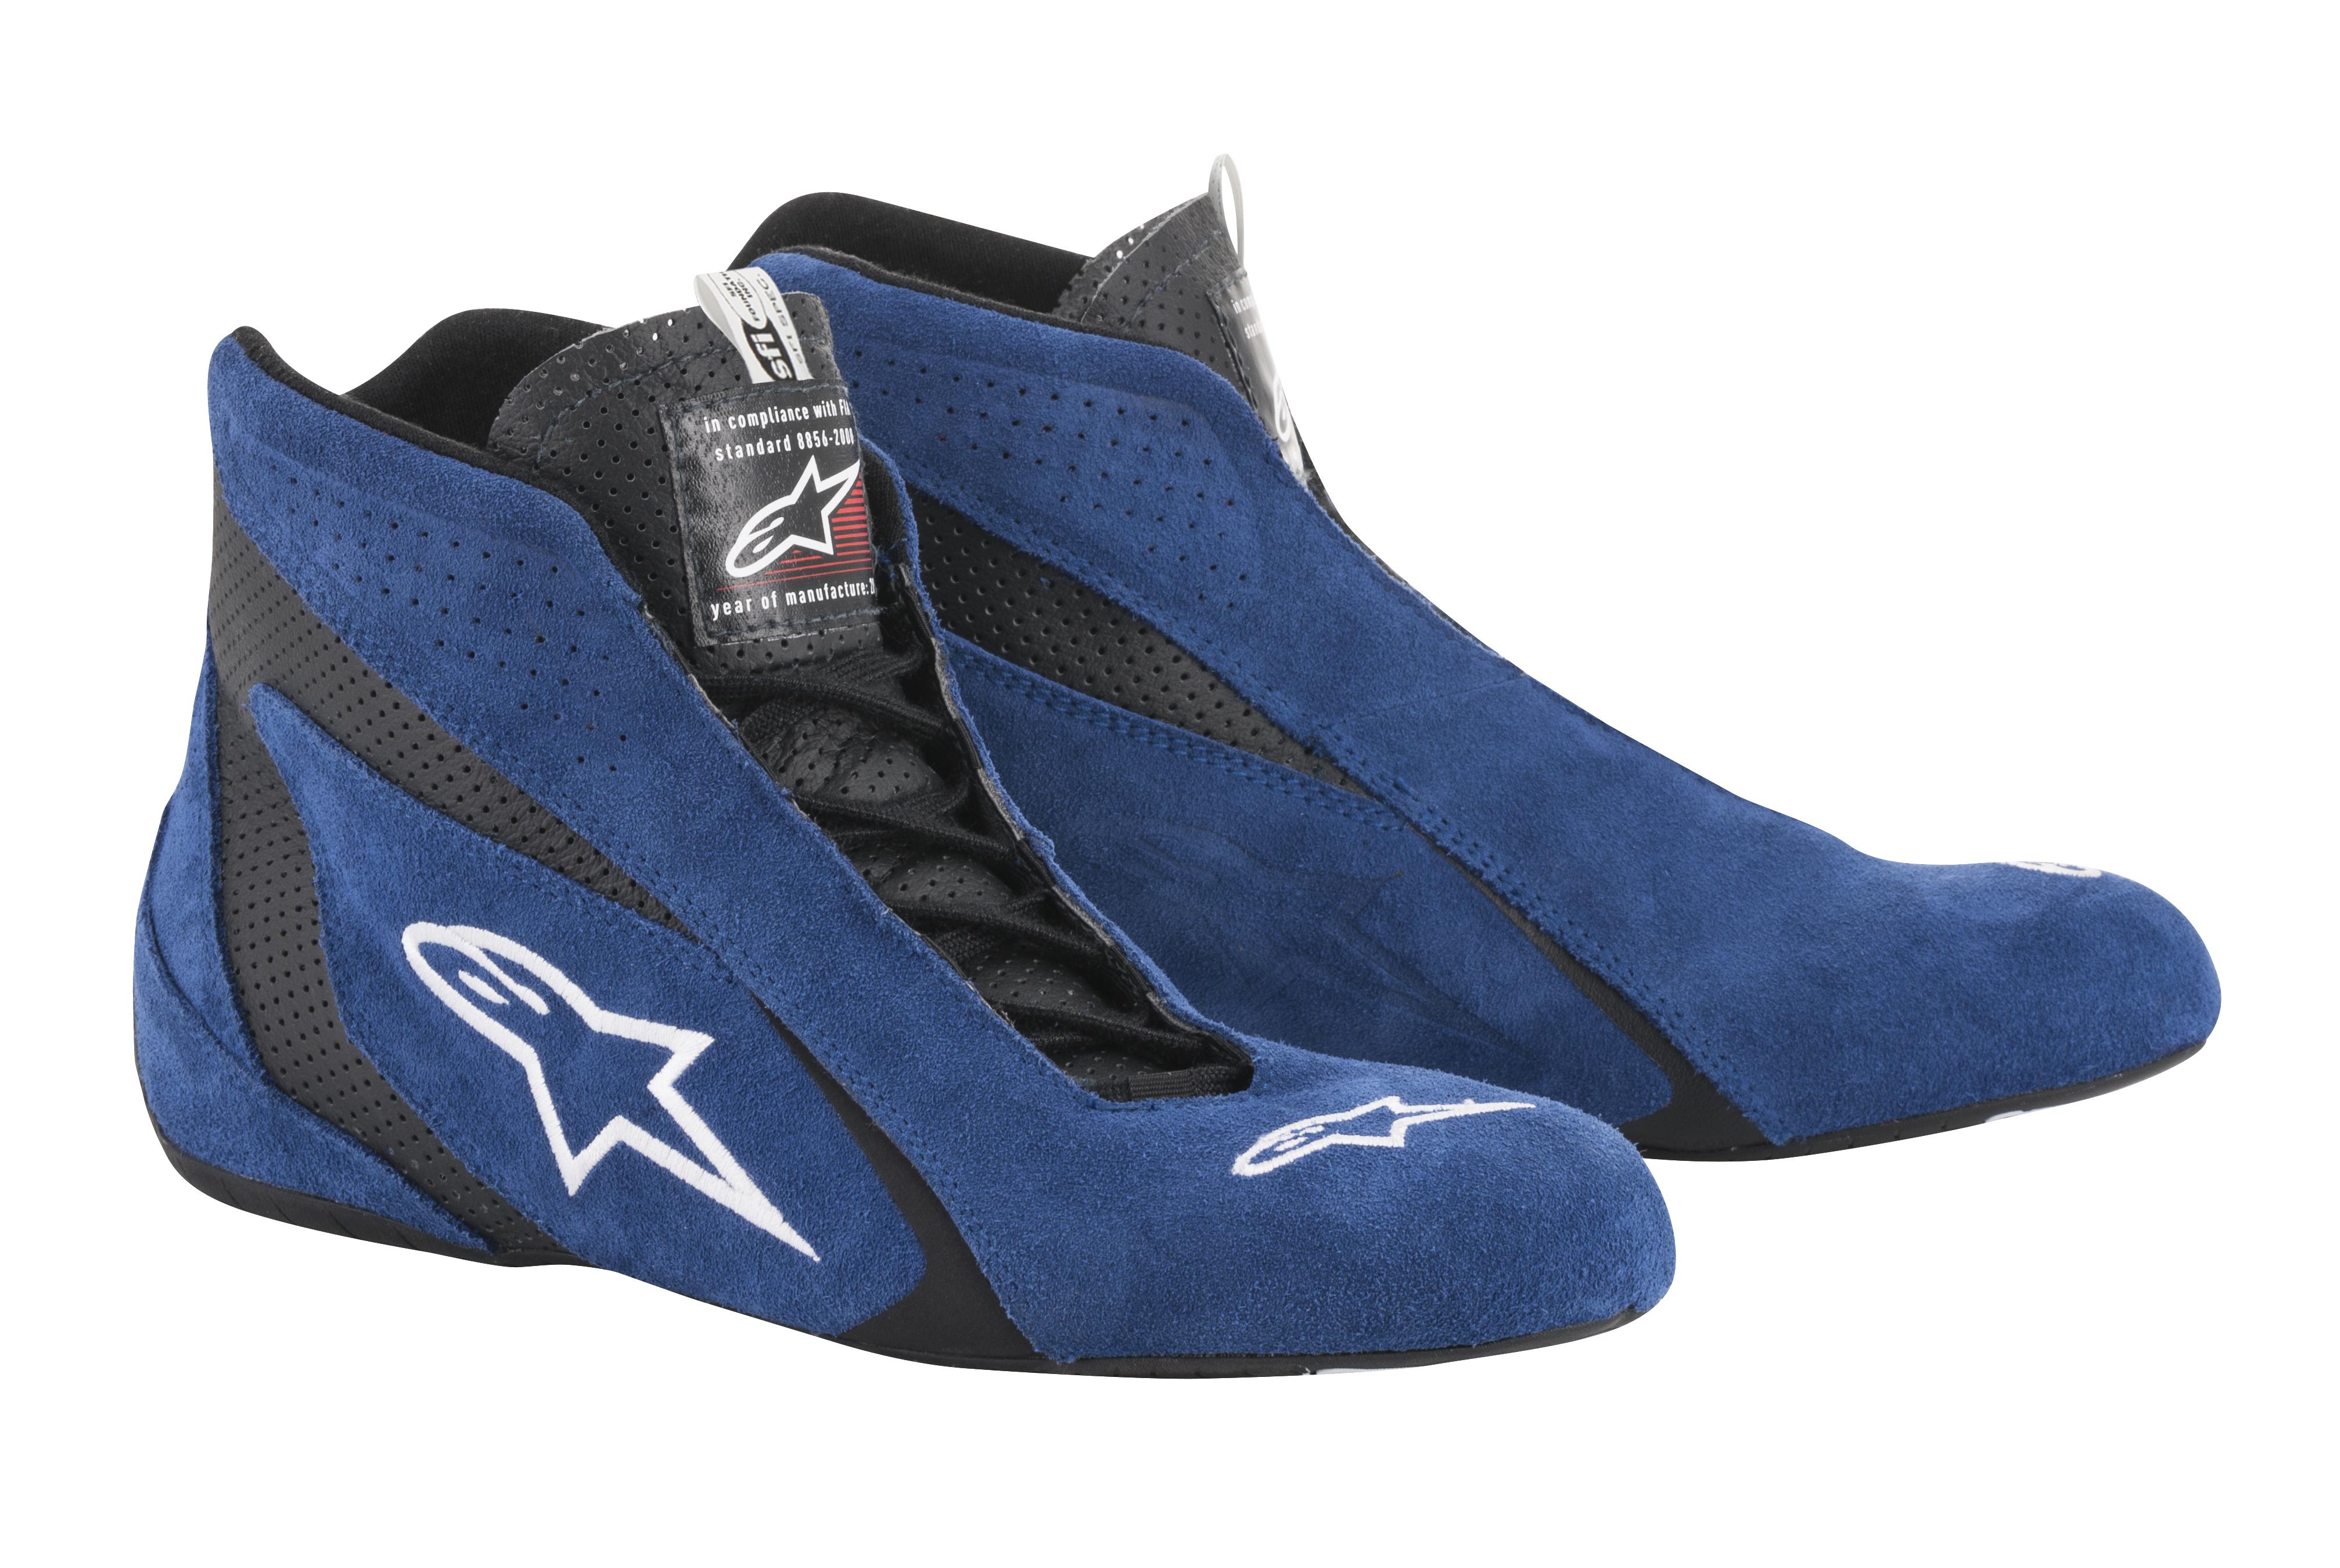 Alpinestars Usa SP Shoe Blue Size 8.5